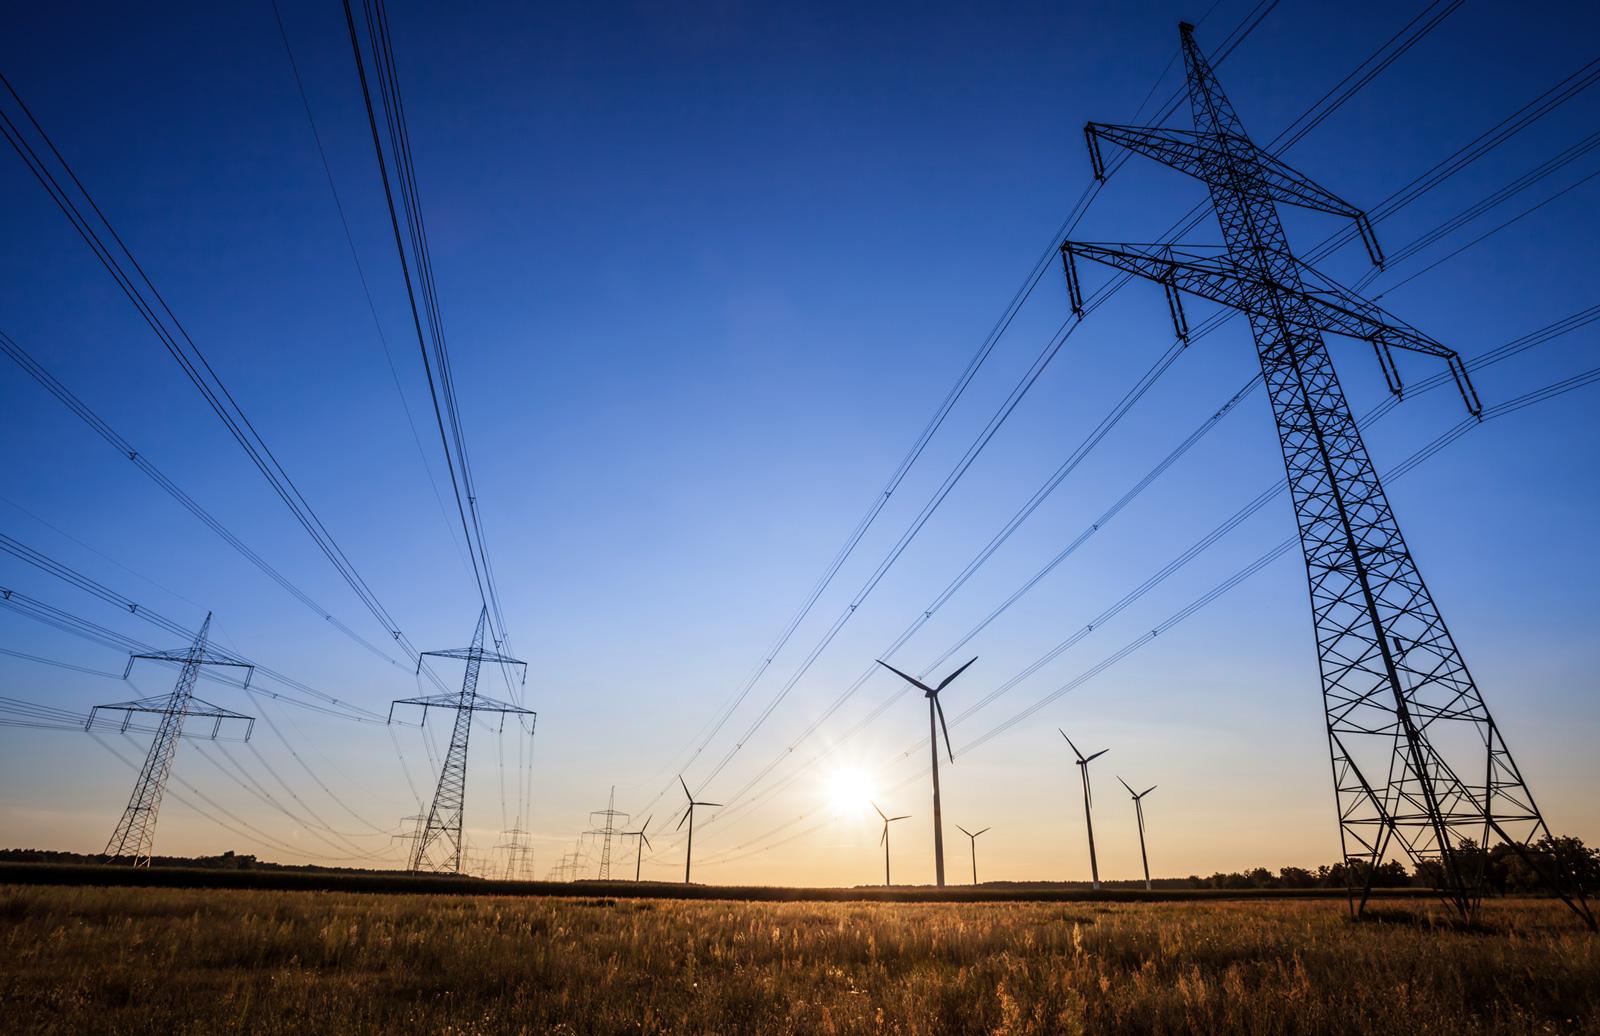 Zukunftsfrage: Woher kommt der saubere Strom?